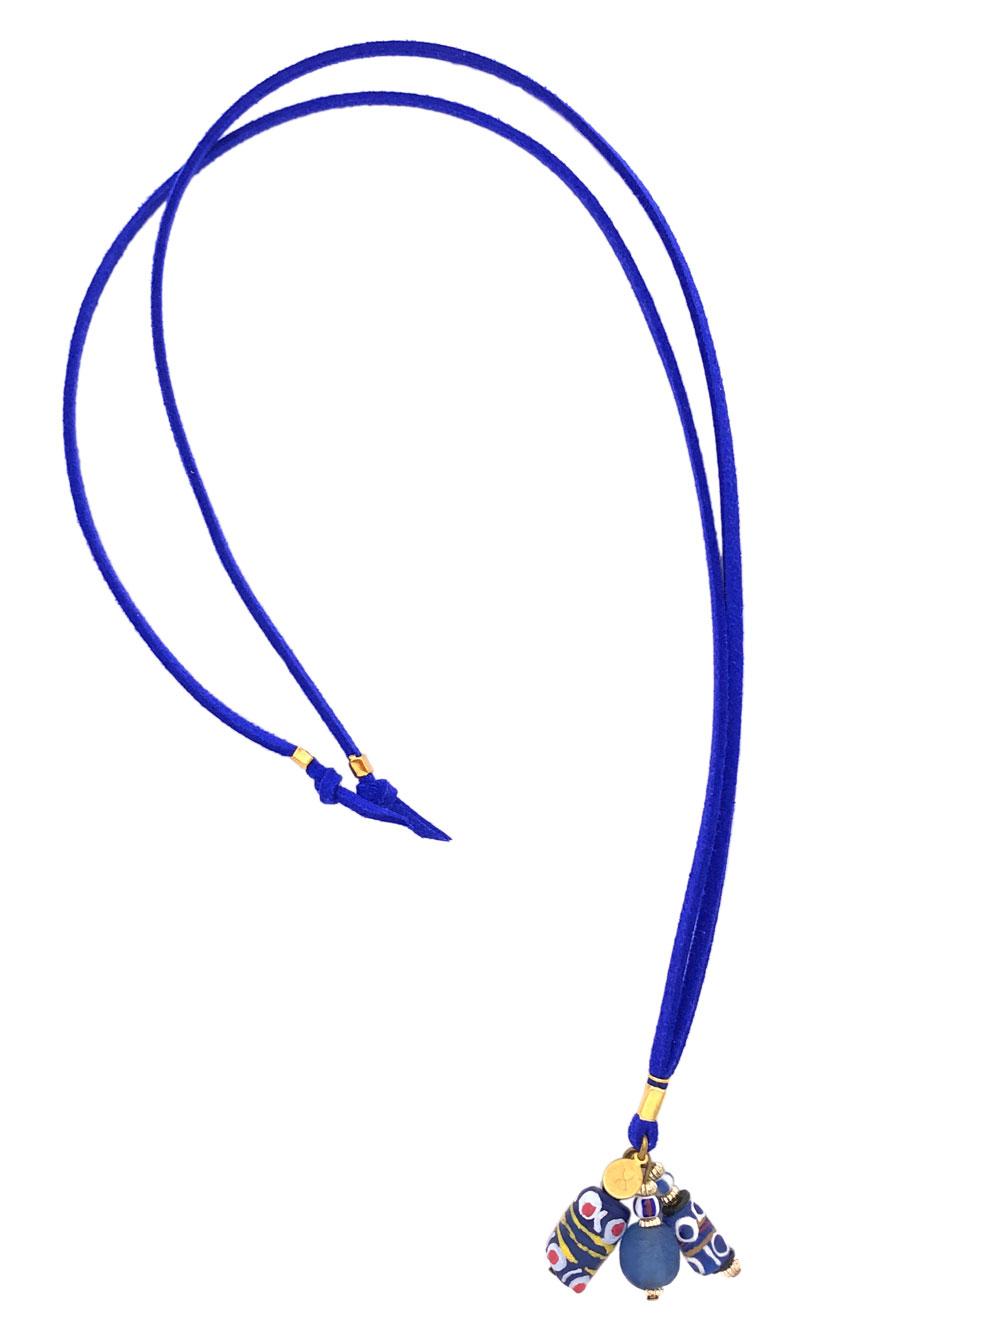 Blue Bookmark Necklace by Shikhazuri